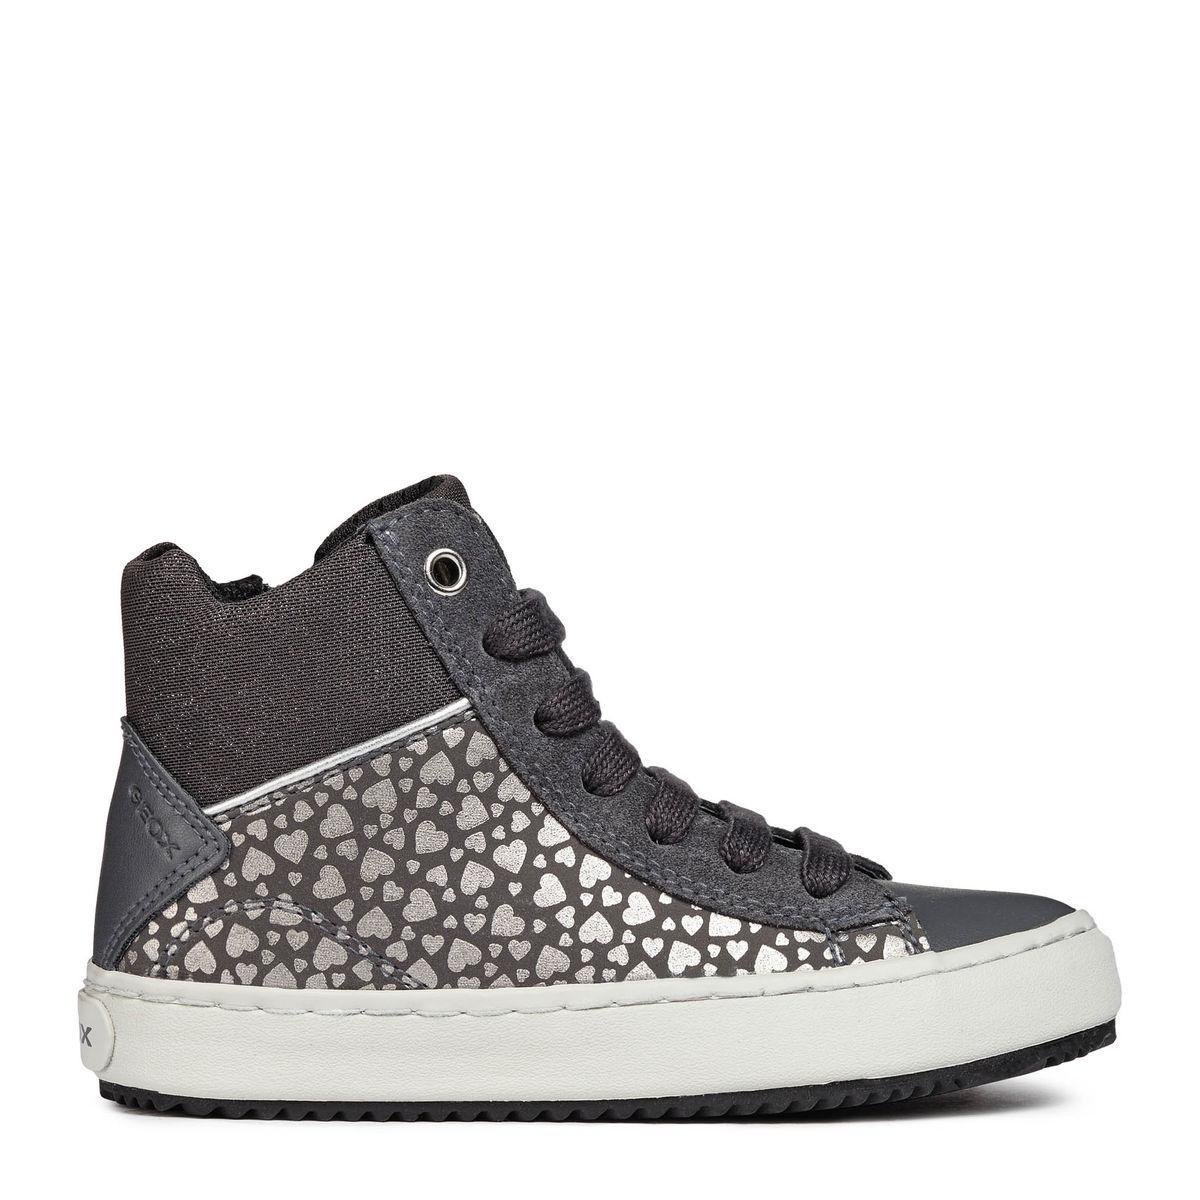 Jr Sottopiede Sneaker Alta Estraibile J844gd Suede Girl Kalispera Geox mNO0w8ynv